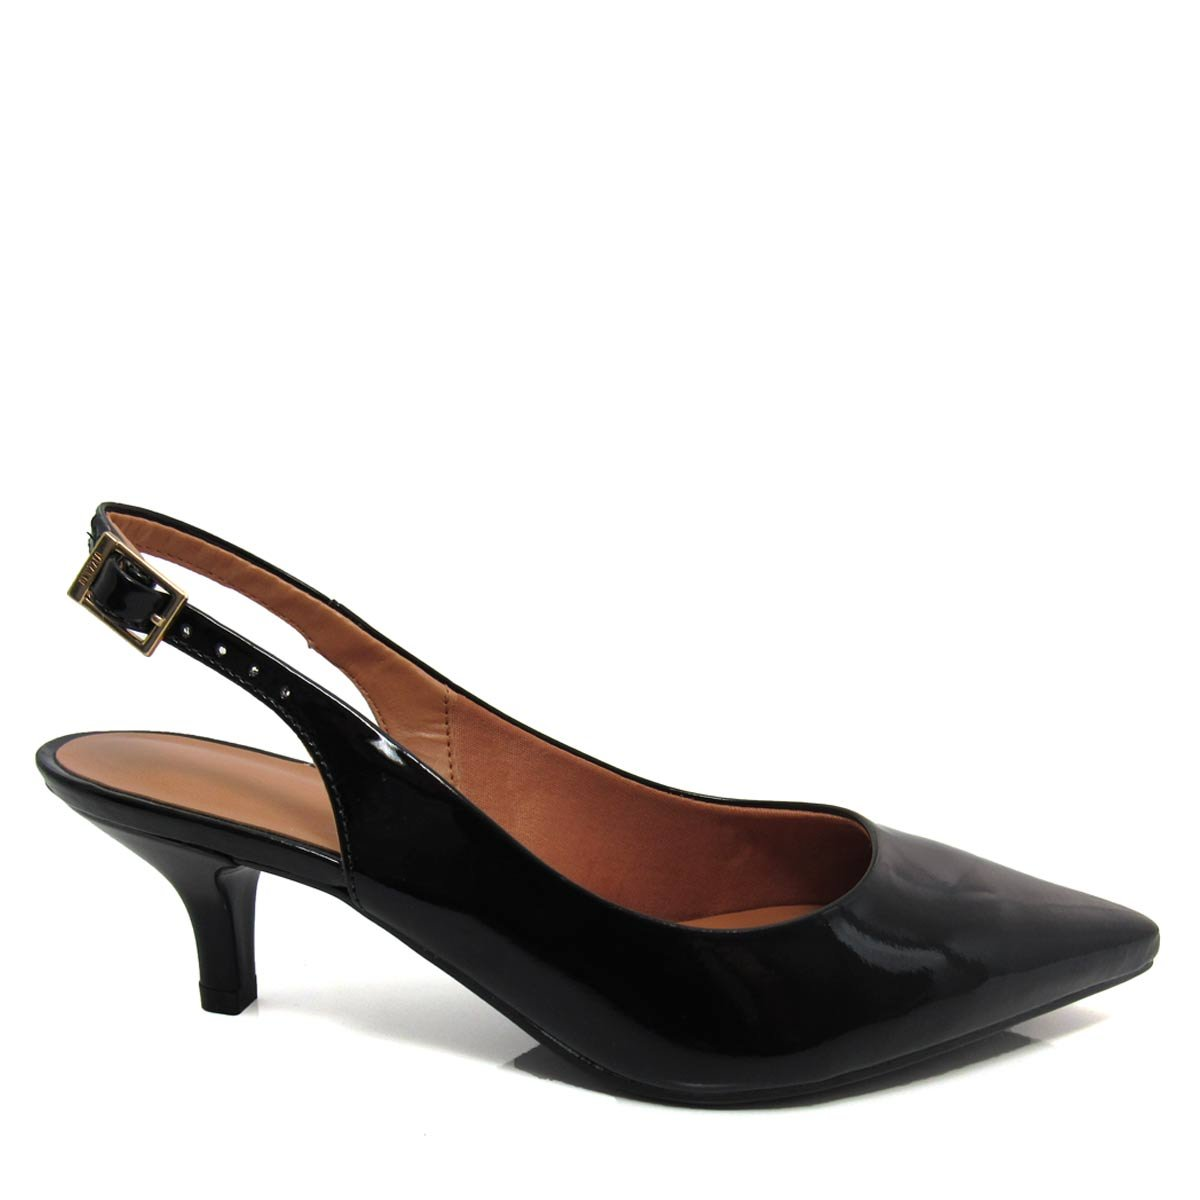 e42d1c0f12 Sapato Scarpin Chanel Feminino Vizzano Bico fino 1122606 Coleção 2018